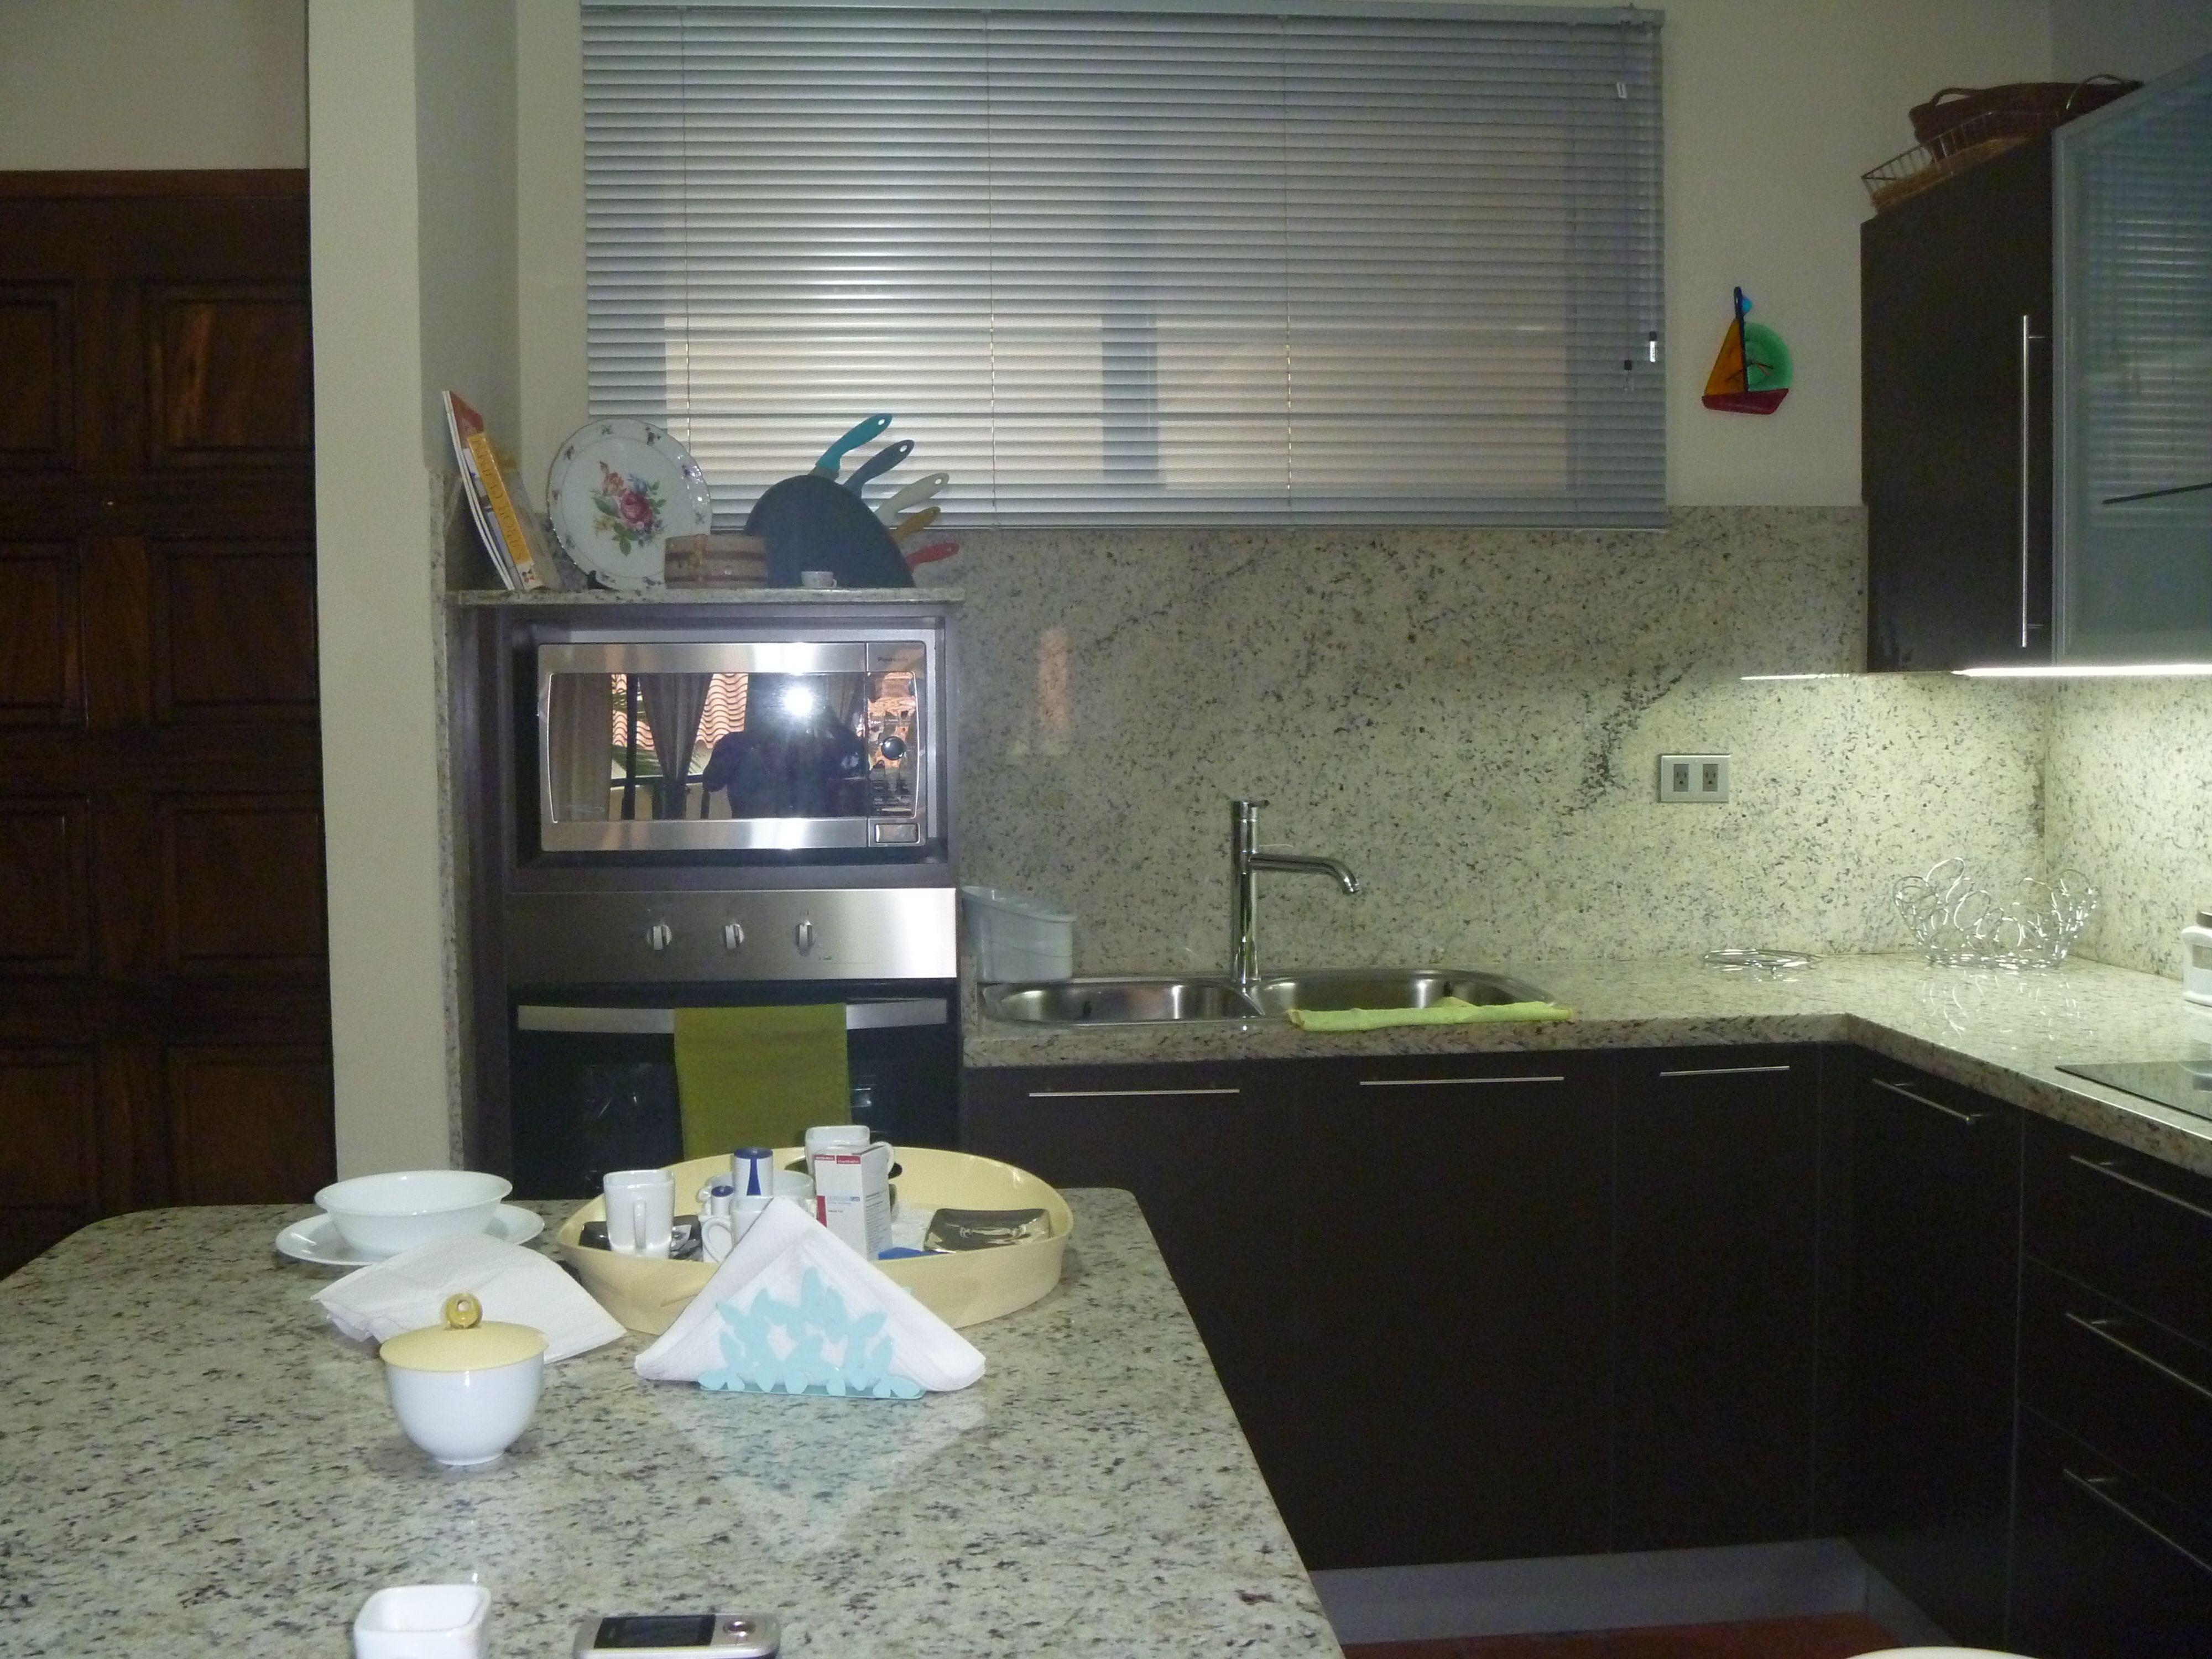 Muebles de cocina Wengue, tope Blanco Dallas | Diseño cocina ...